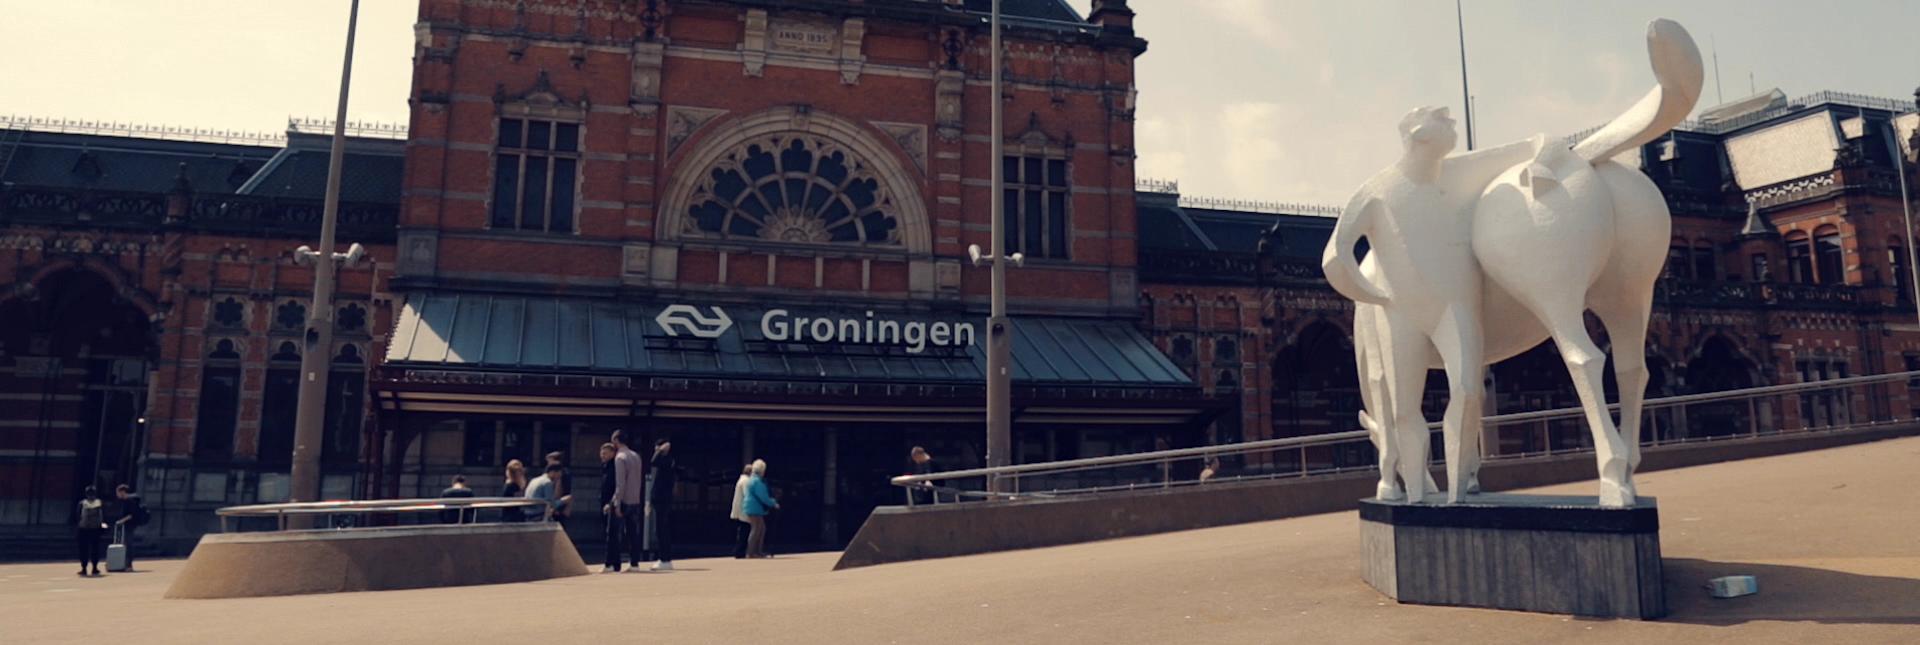 Snapshot Groningen